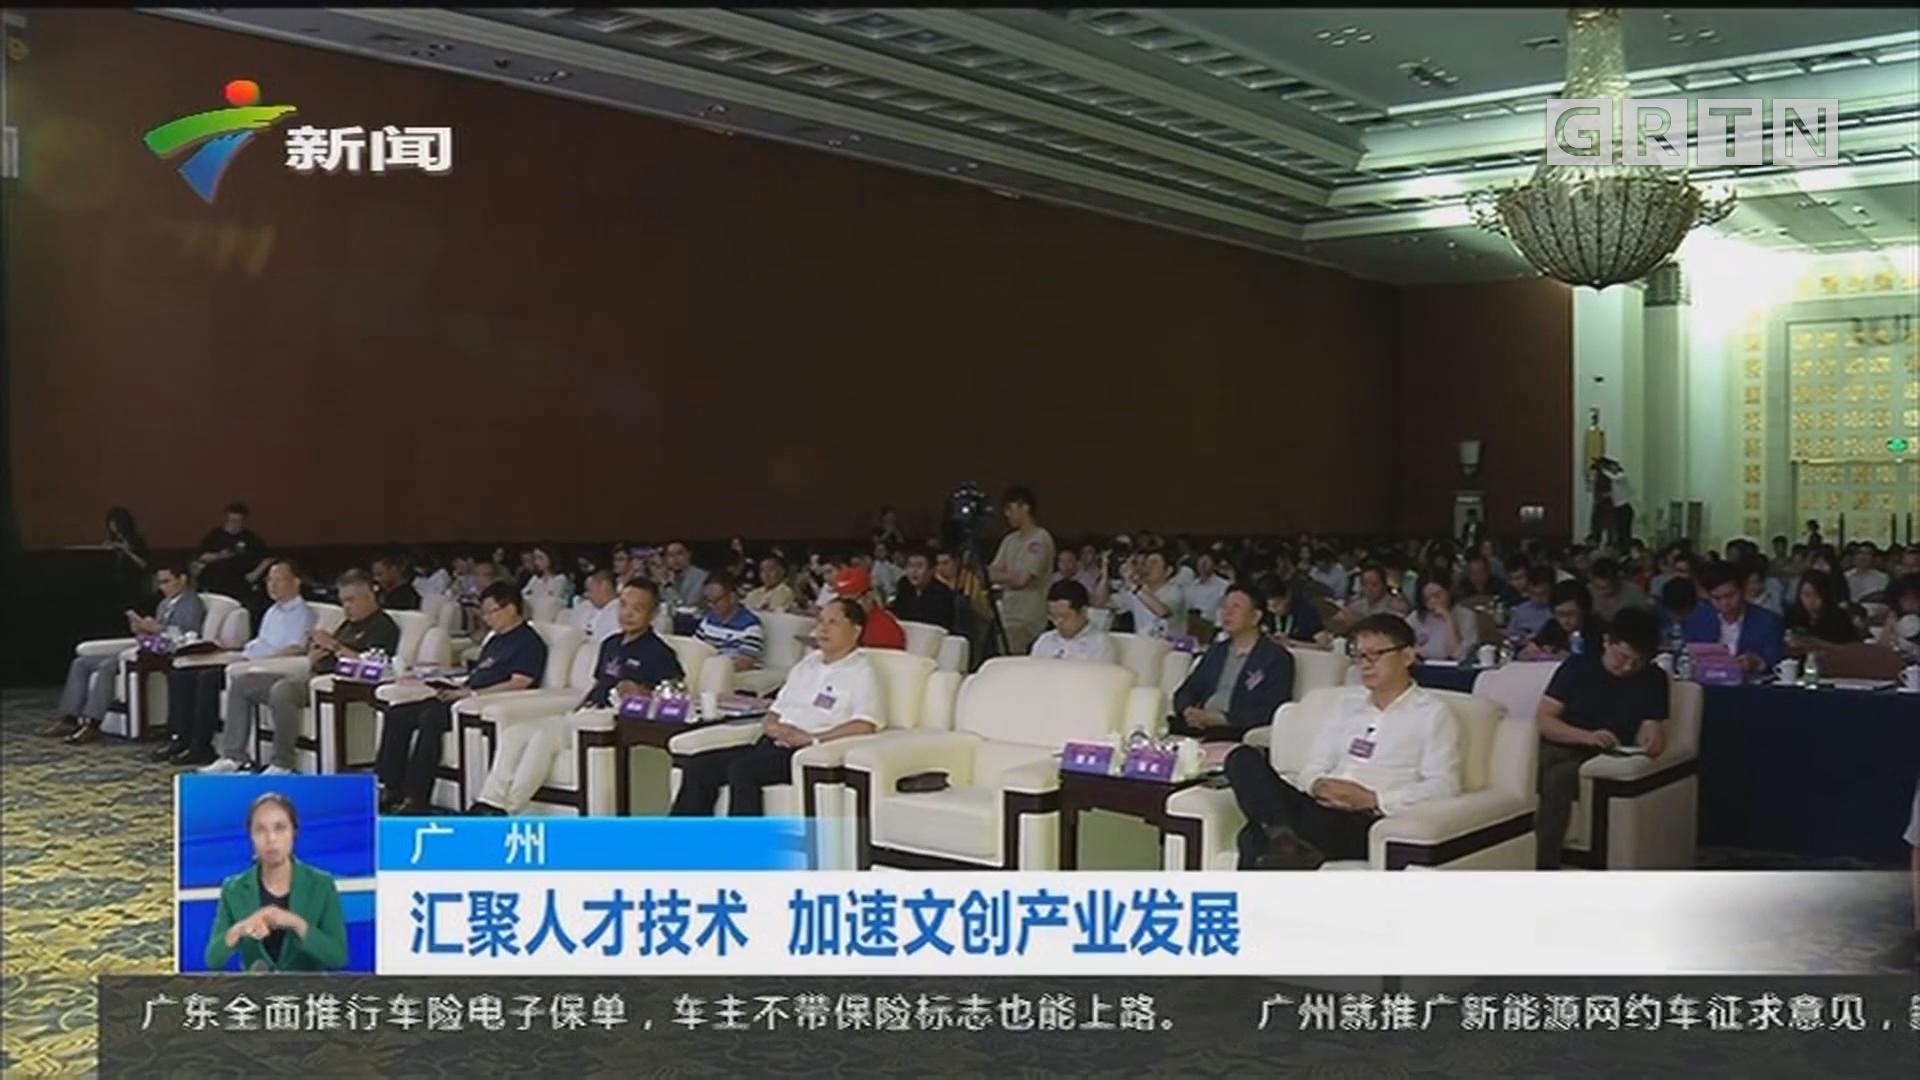 广州:汇聚人才技术 加速文创产业发展